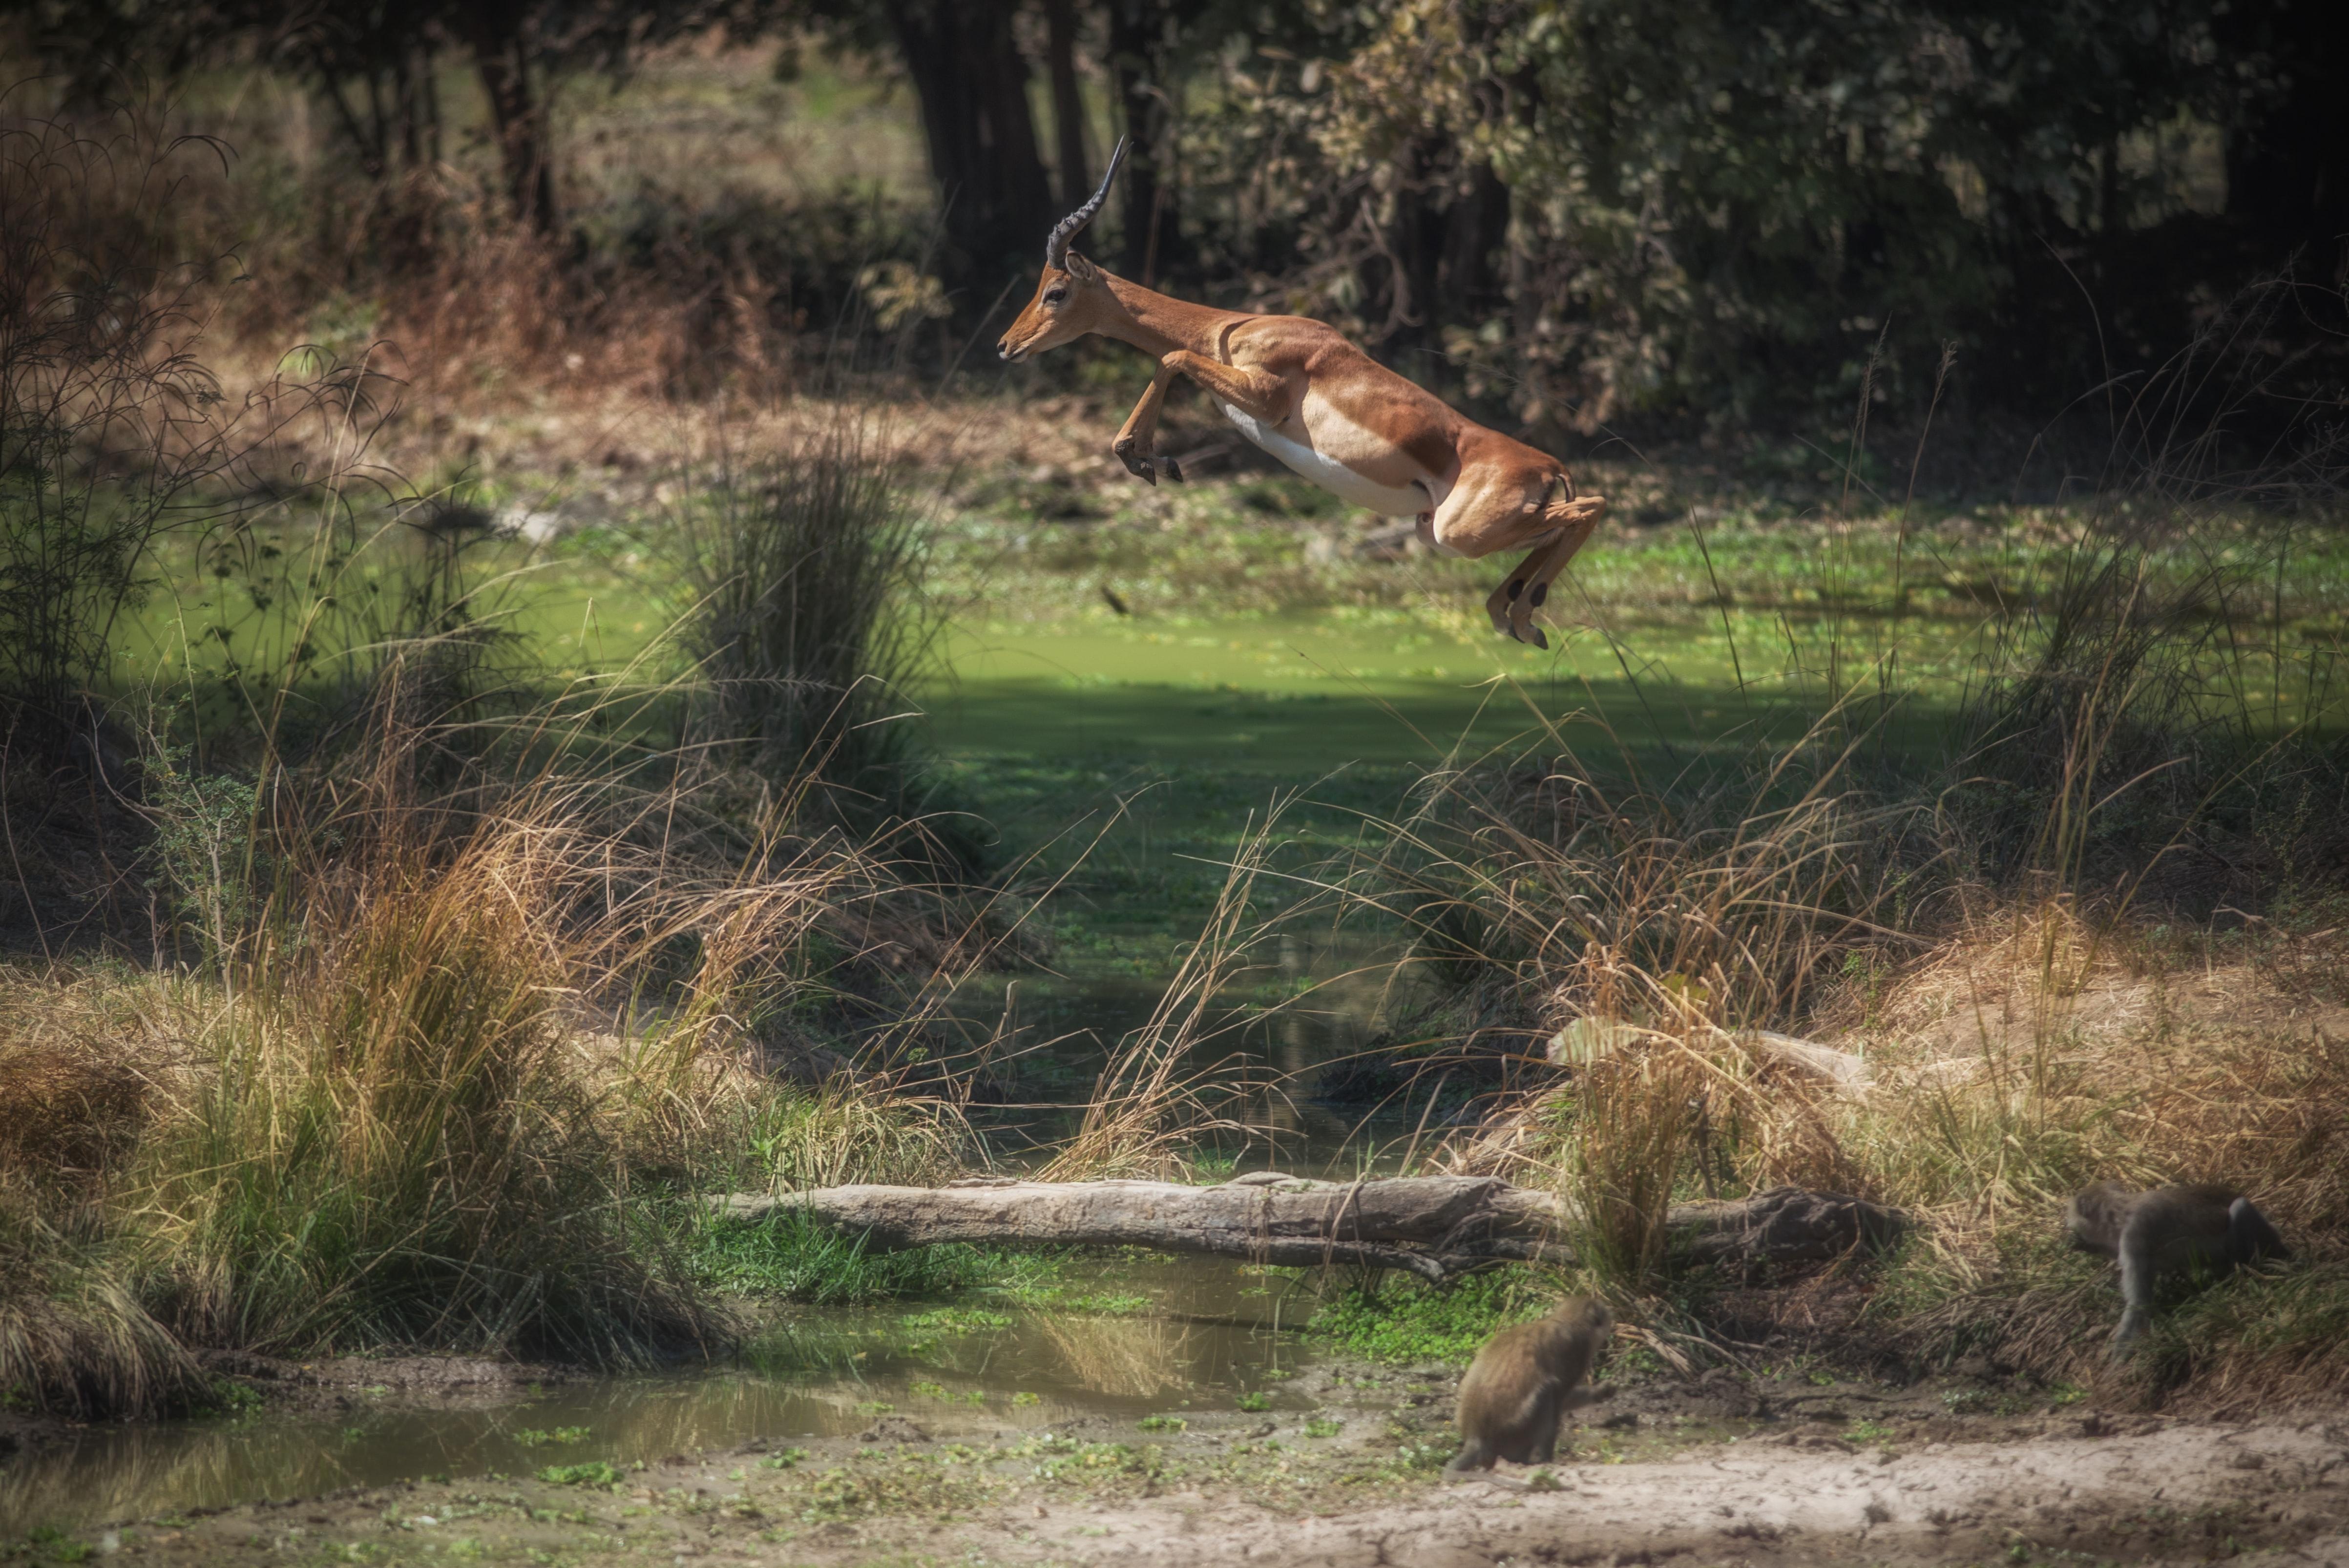 South-Luangwa-National-Park-Zambia-Africa-Johanneke-Kroesbergen-Kamps